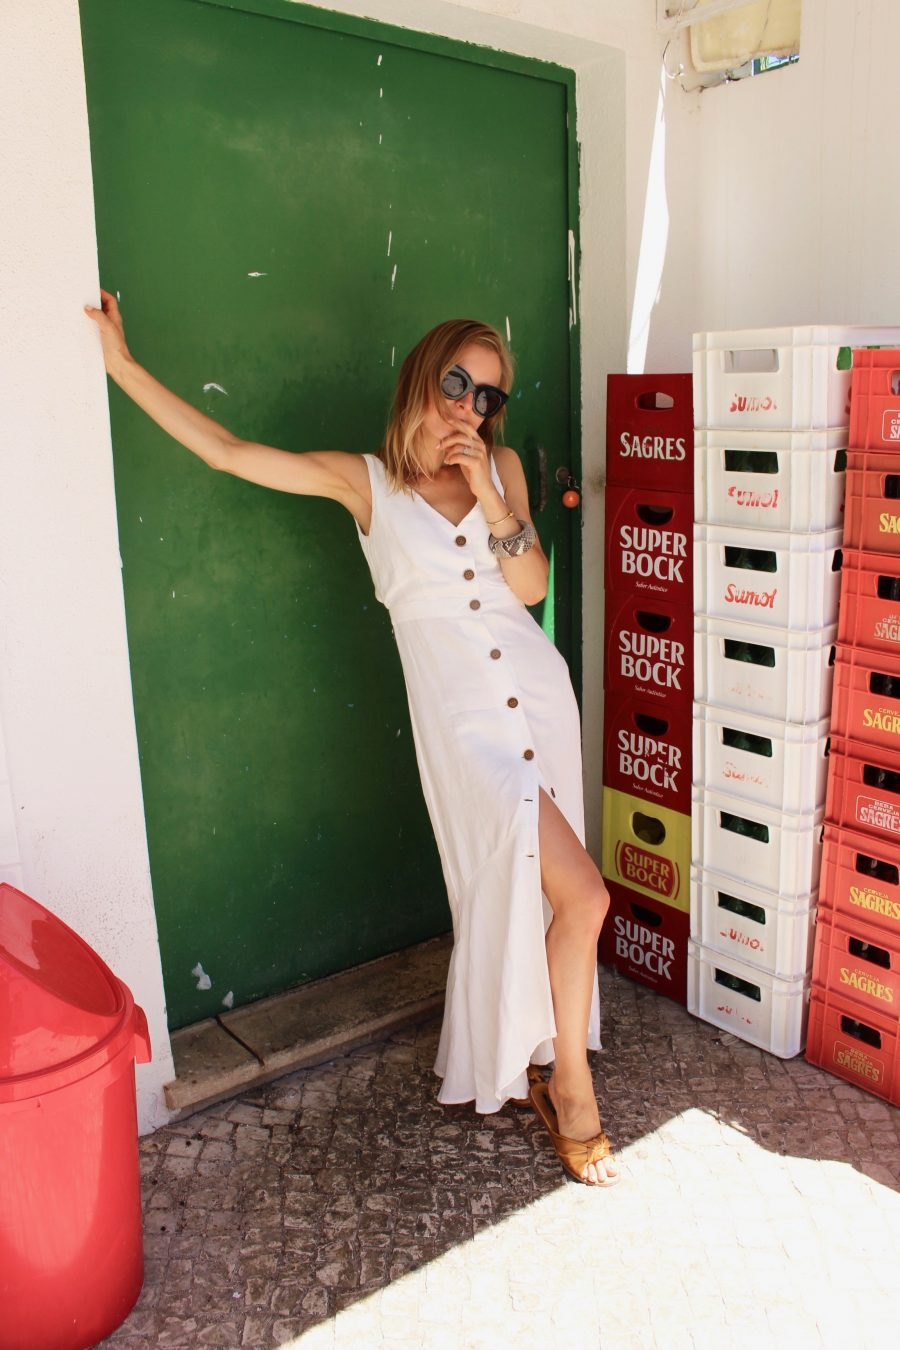 anna Borisovna blogger germany